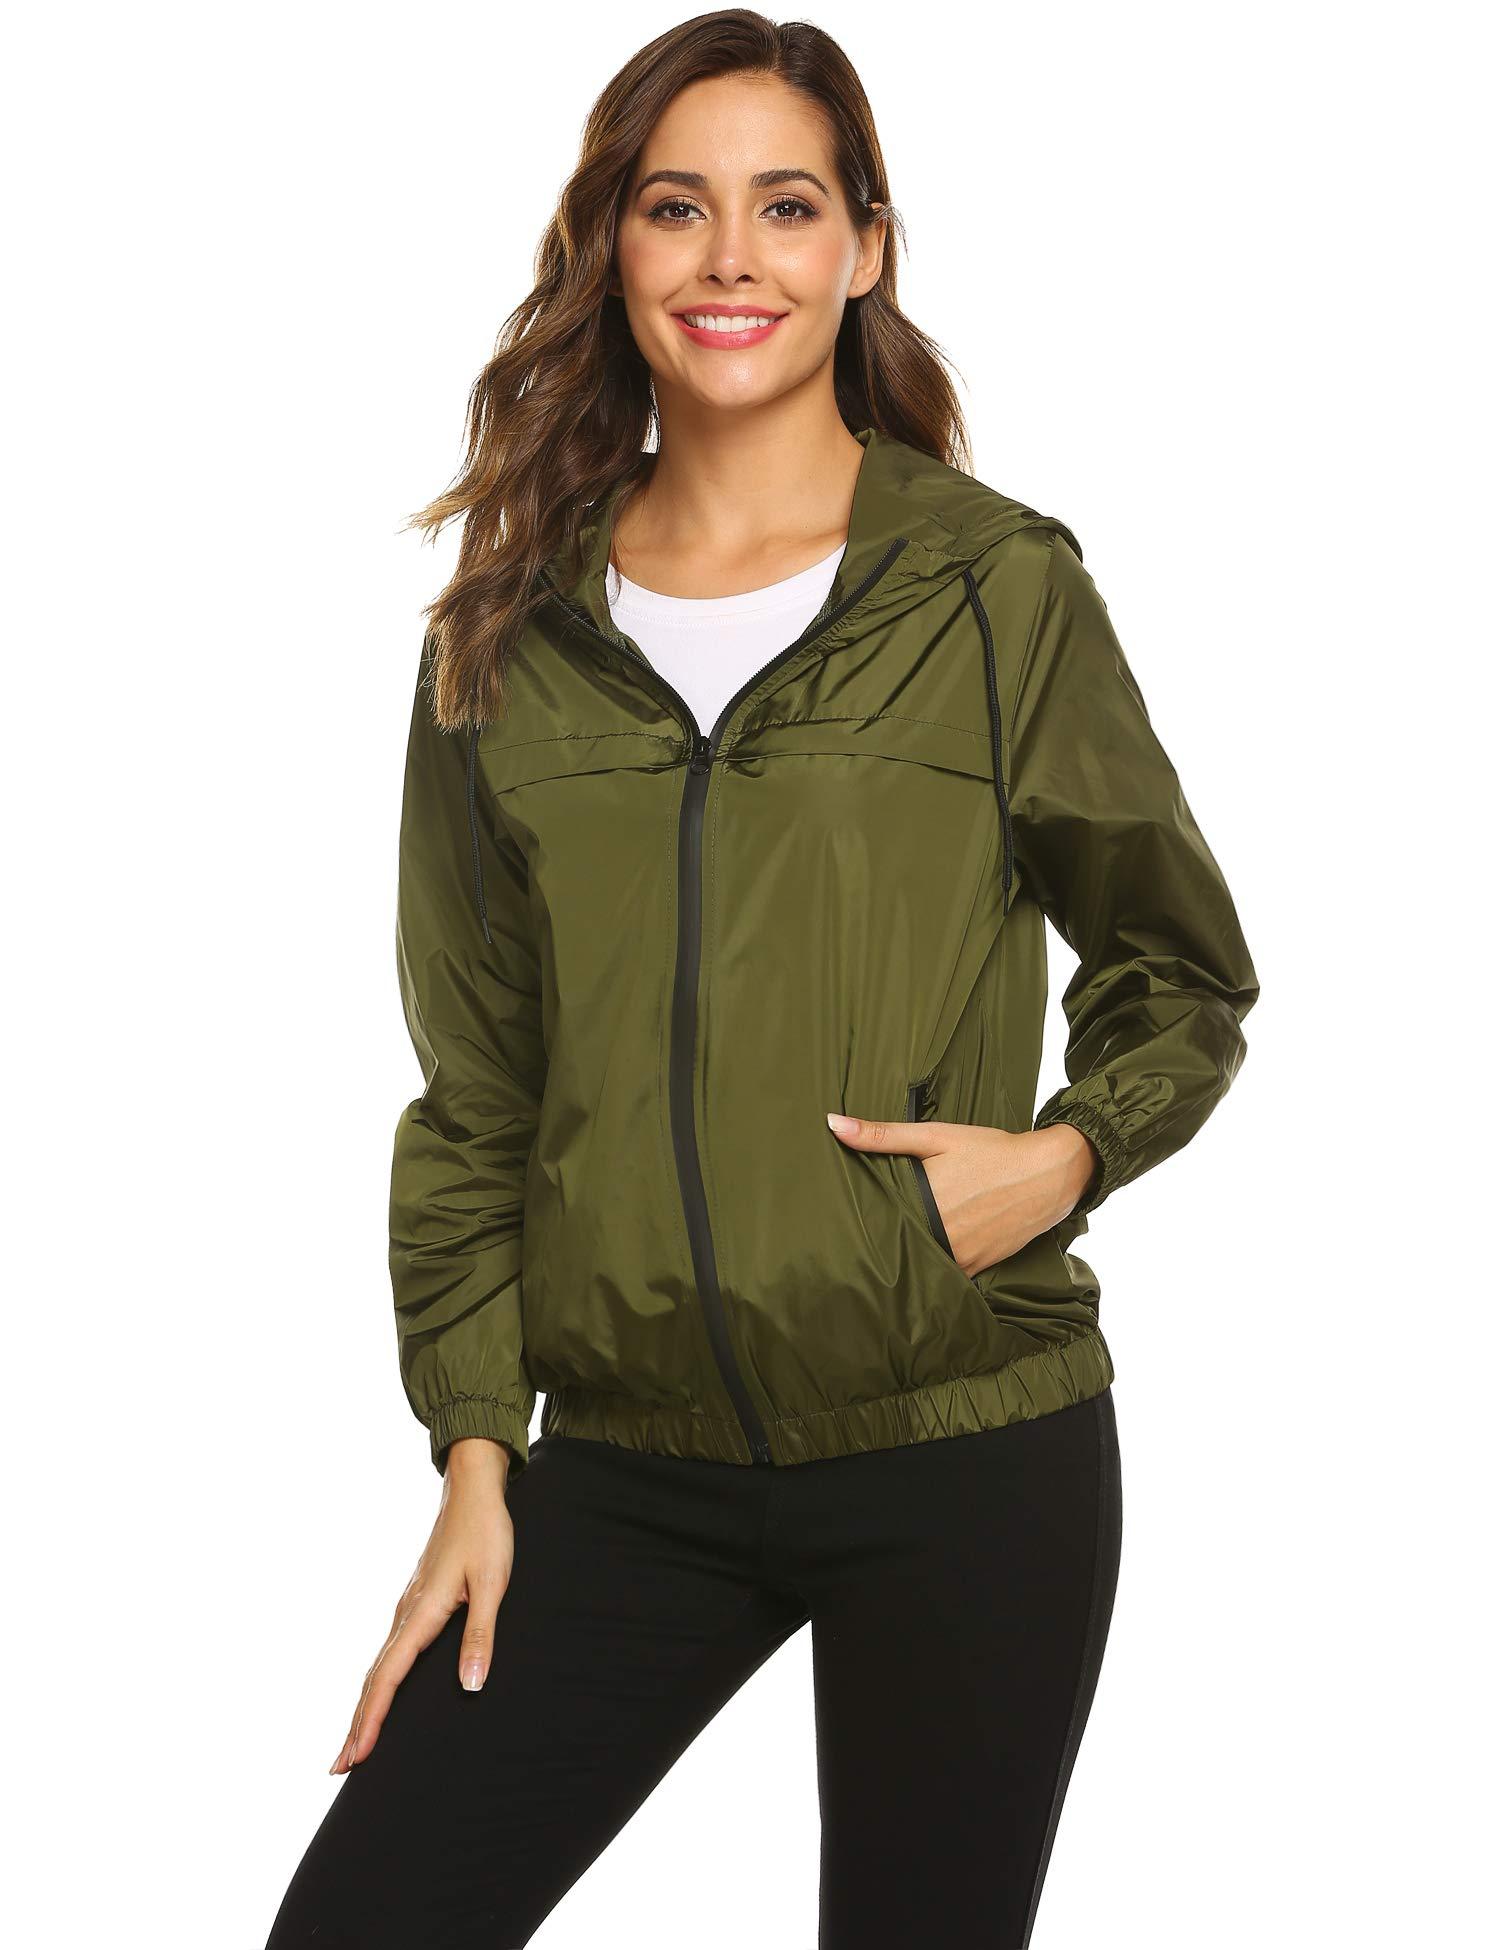 Hotouch Women's Raincoat Waterproof Hooded Windbreaker Lightweight Active Outdoor Rain Jacket Travel Trench Rain Coat Jacket